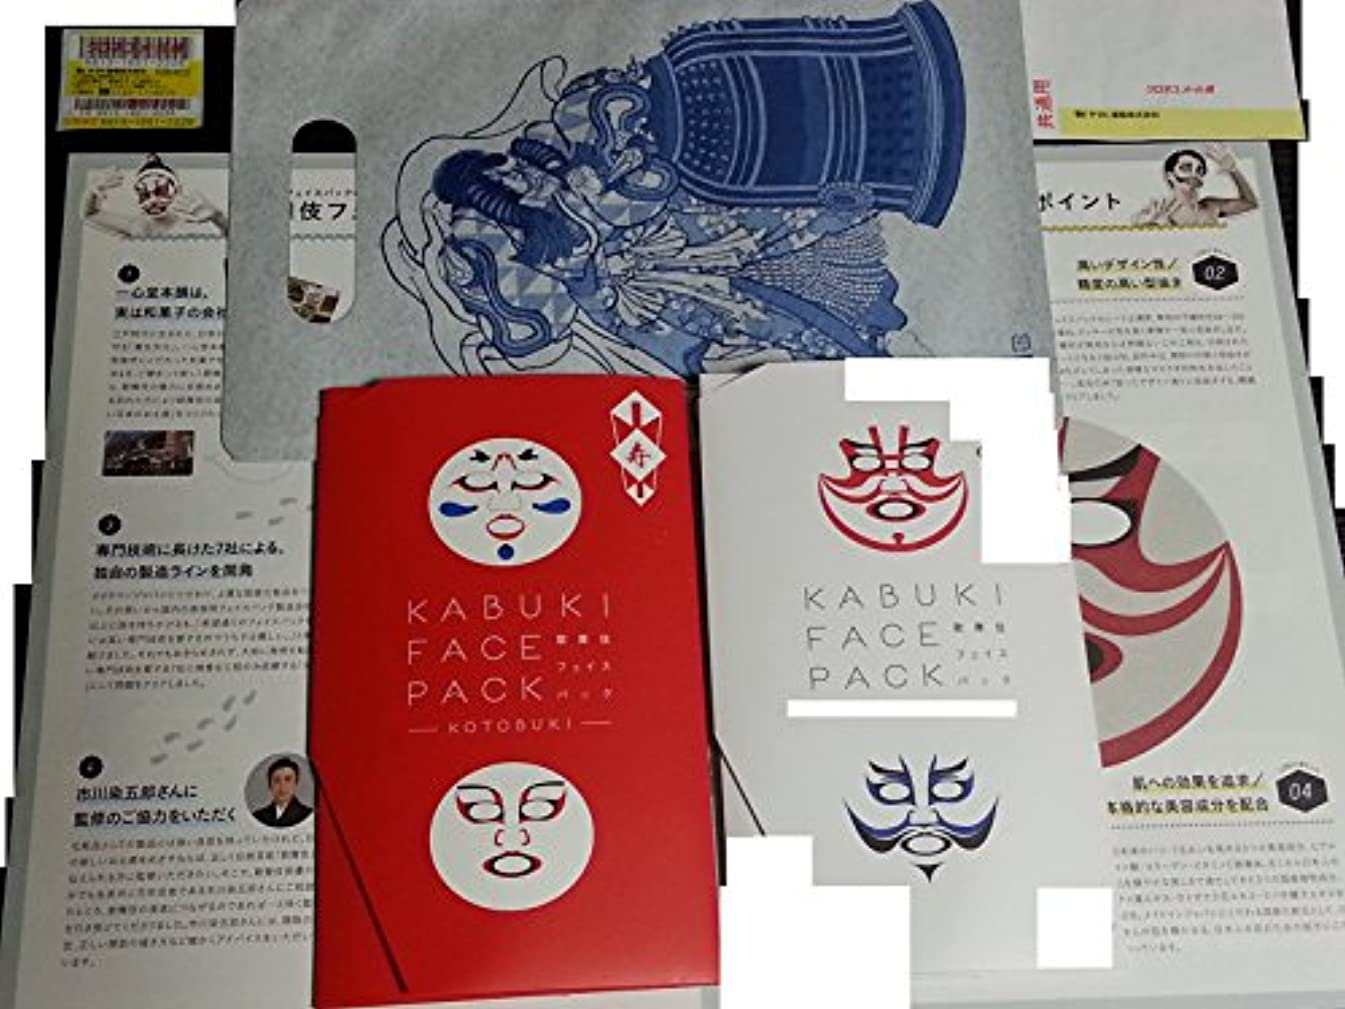 評価鹿スクリュー歌舞伎フェイスパック セット  KABUKI FACE PACK -ISESHIMA- & -KOTOBUKI- (伊勢志摩&寿)全2点セット